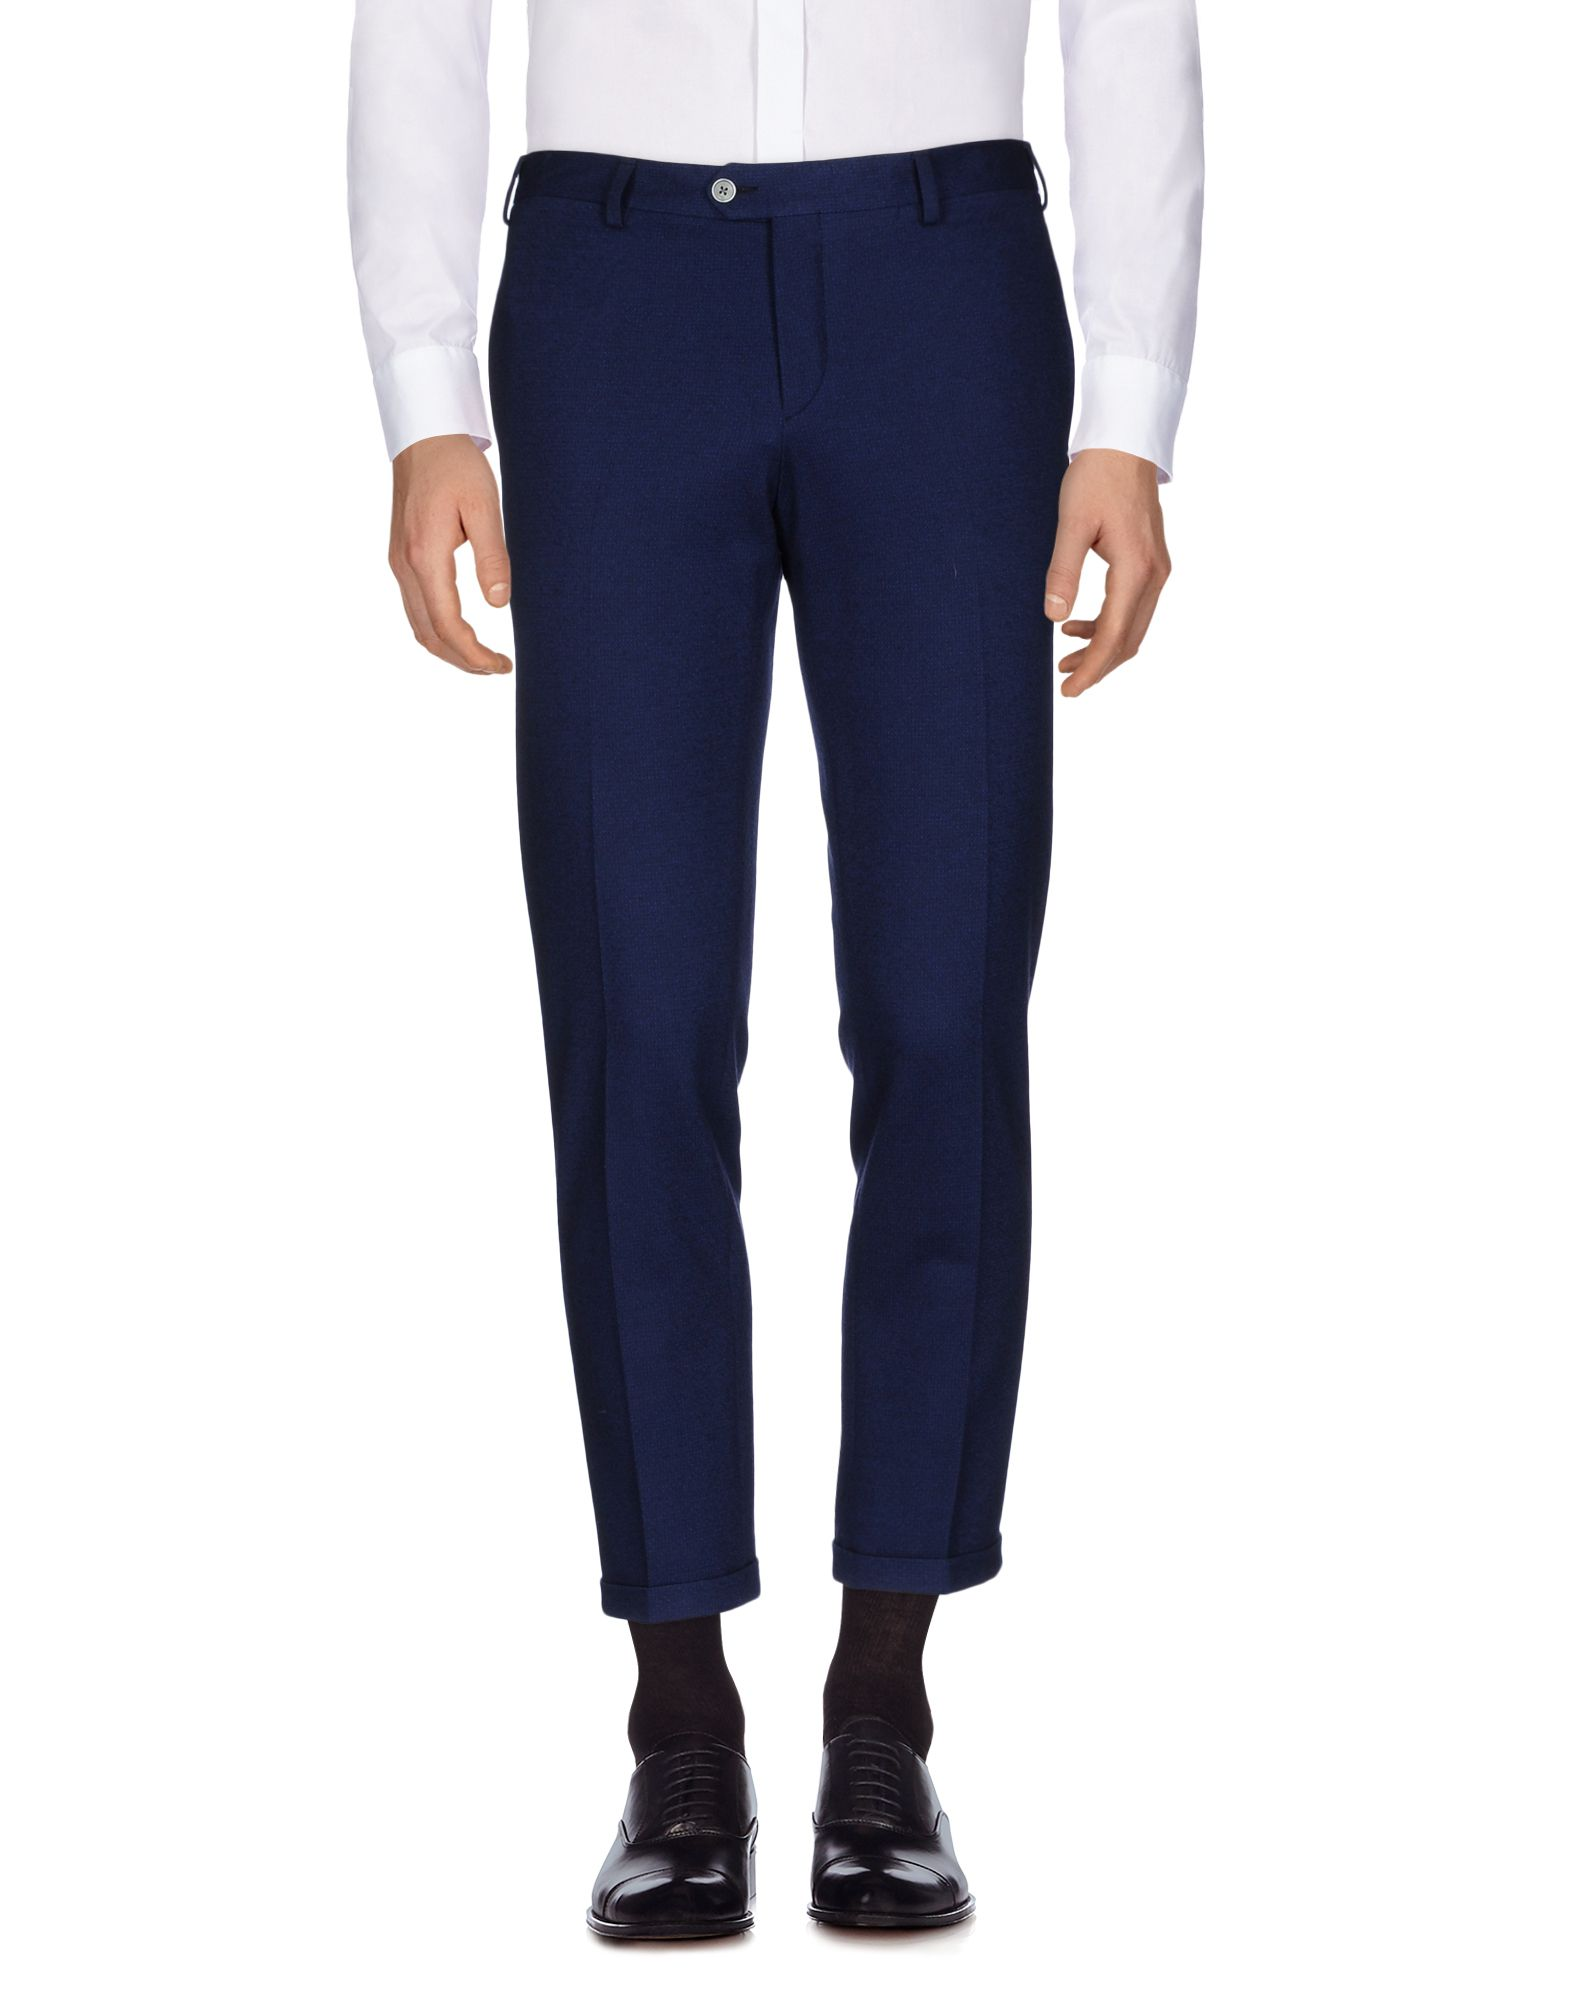 《送料無料》JOHN SHEEP メンズ パンツ ブルー 48 バージンウール / コットン / ナイロン